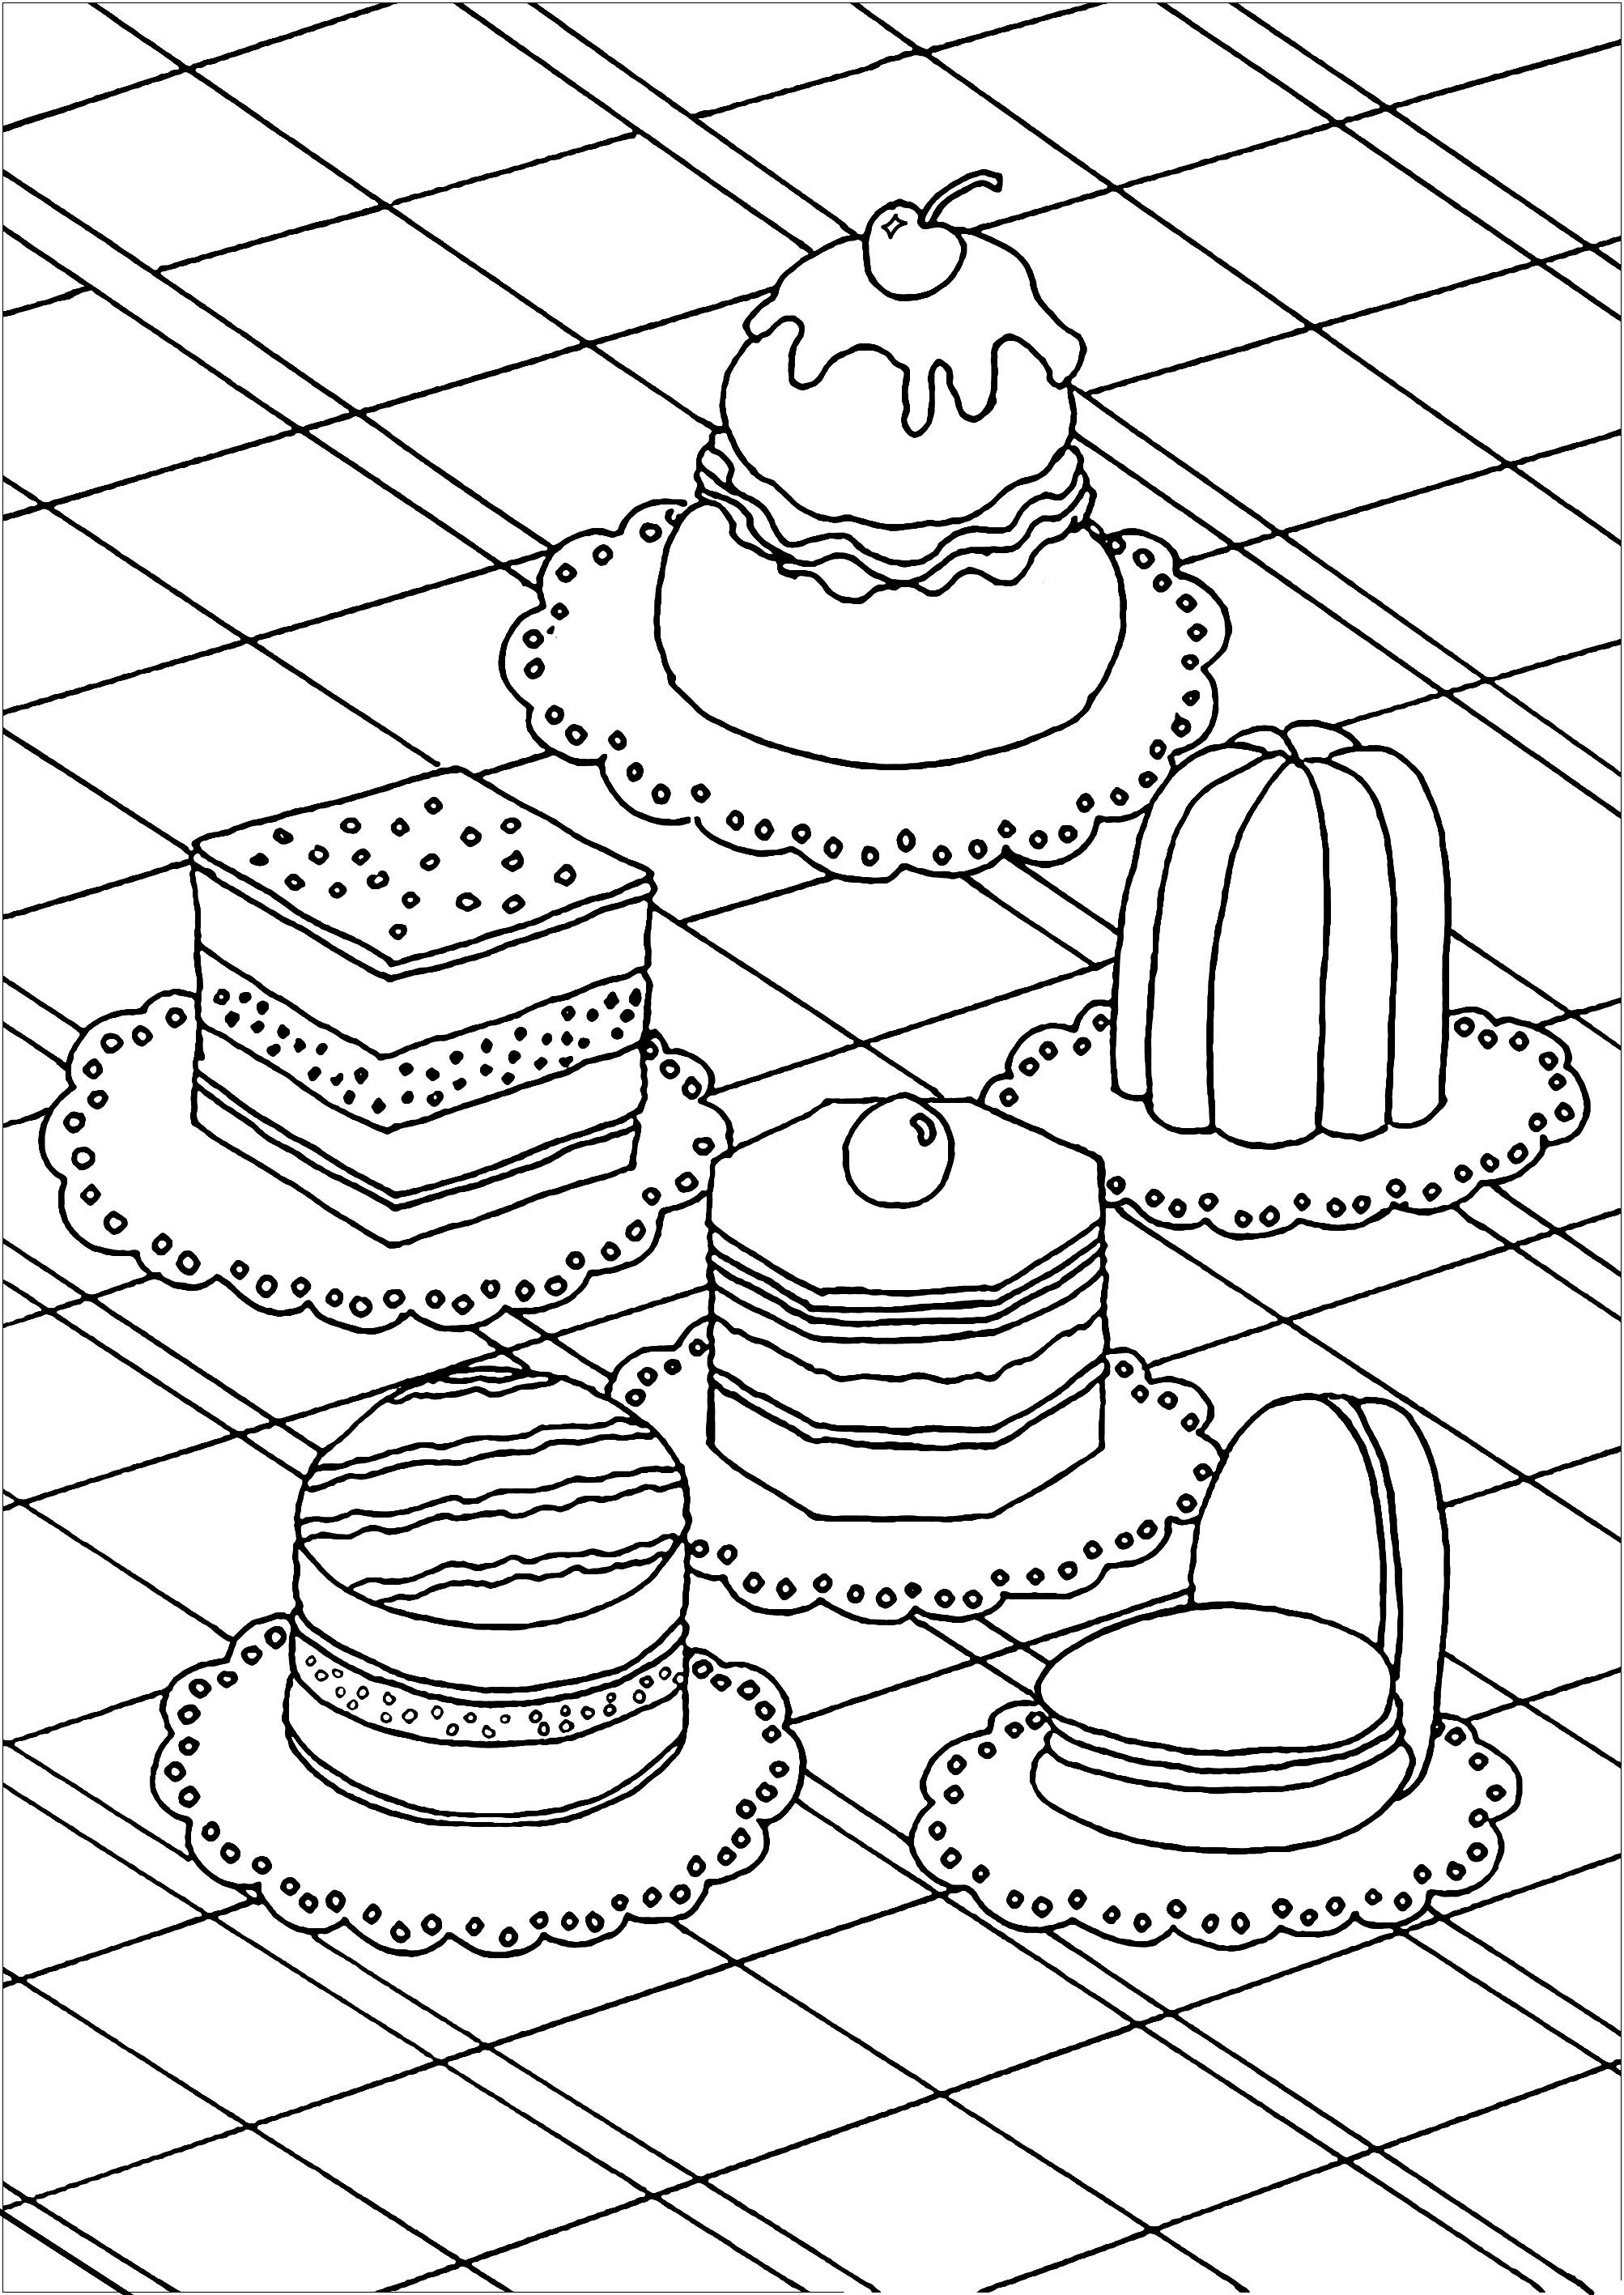 Régalez-vous en coloriant ces diverses pâtisseries